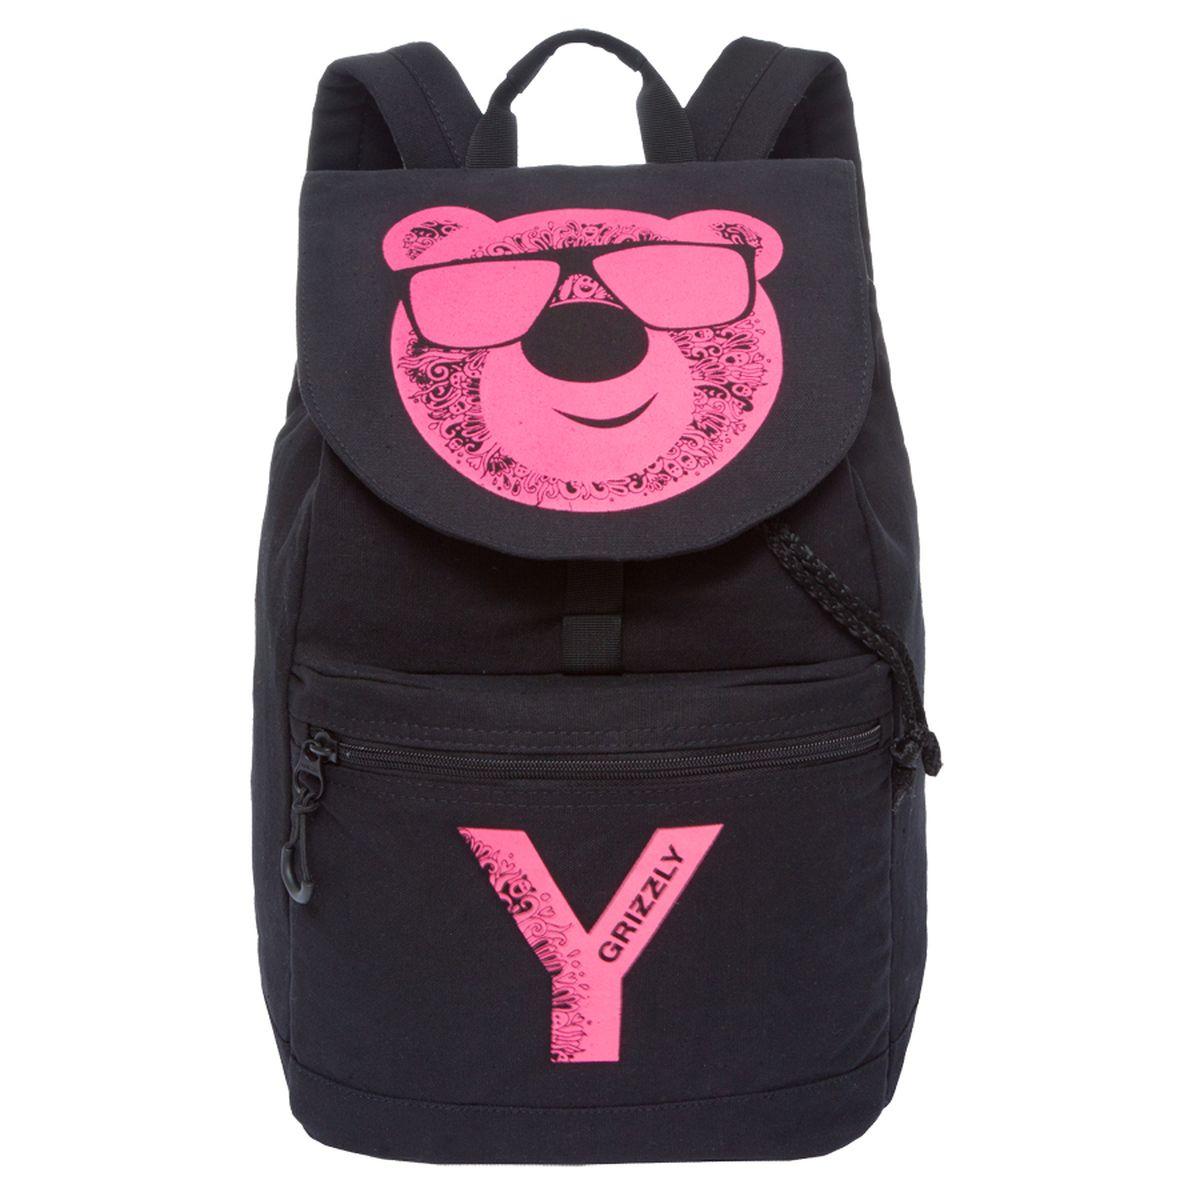 Рюкзак молодежный Grizzly, цвет: черный-фиолетовый. 18 л. RD-744-1/4RivaCase 8460 blackРюкзак молодежный, одно отделение, клапан на пряжке-крючкеобъемный карман на молнии на передней стенке, карман для гаджета,внутренний карман на молнии, укрепленная спинка, дополнительная ручка-петля, укрепленные лямки, закрывается затягивающимся шнуром